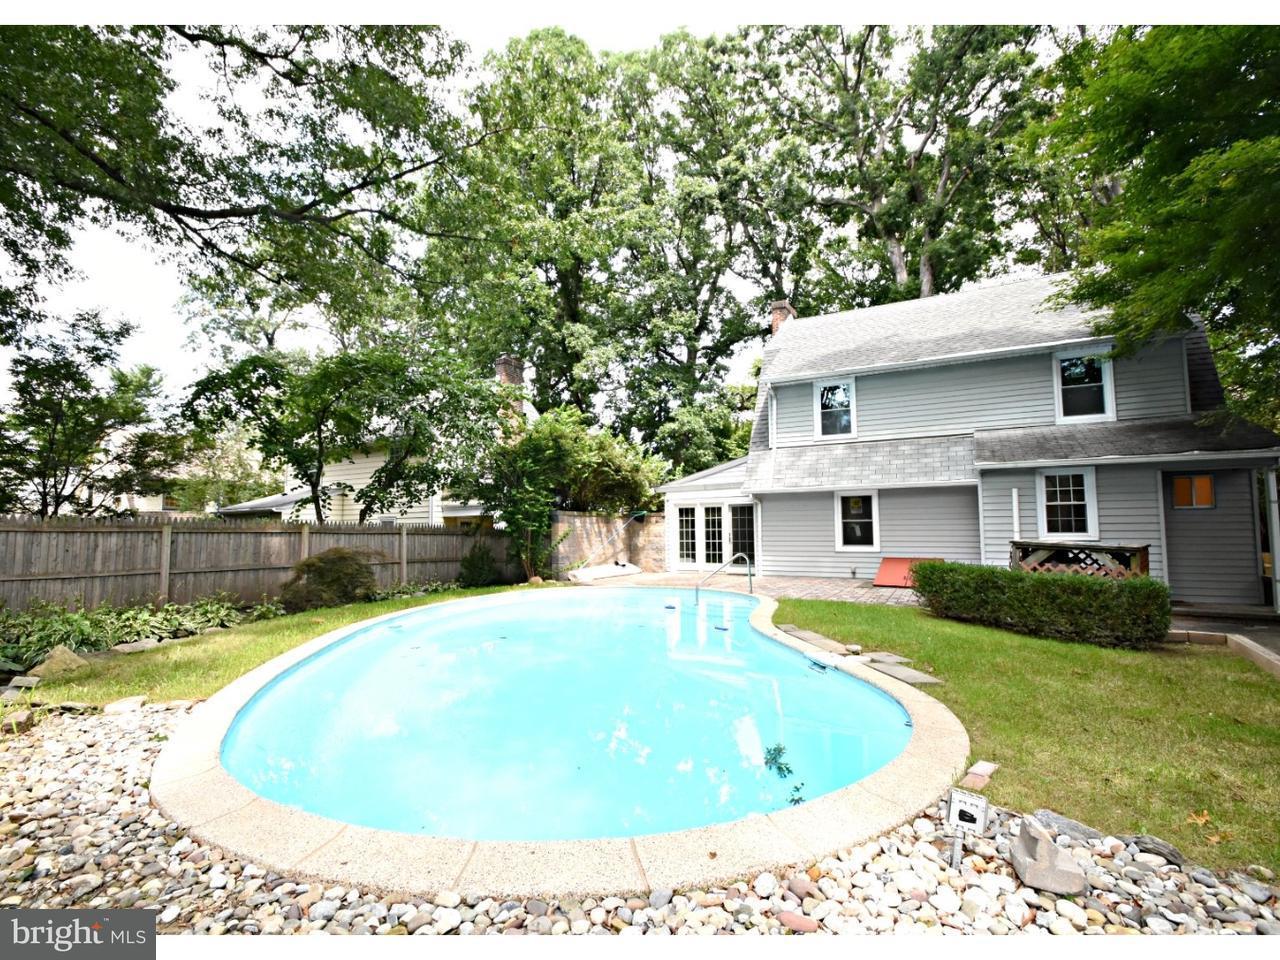 独户住宅 为 销售 在 702 E GLENSIDE Avenue 温科特, 宾夕法尼亚州 19095 美国